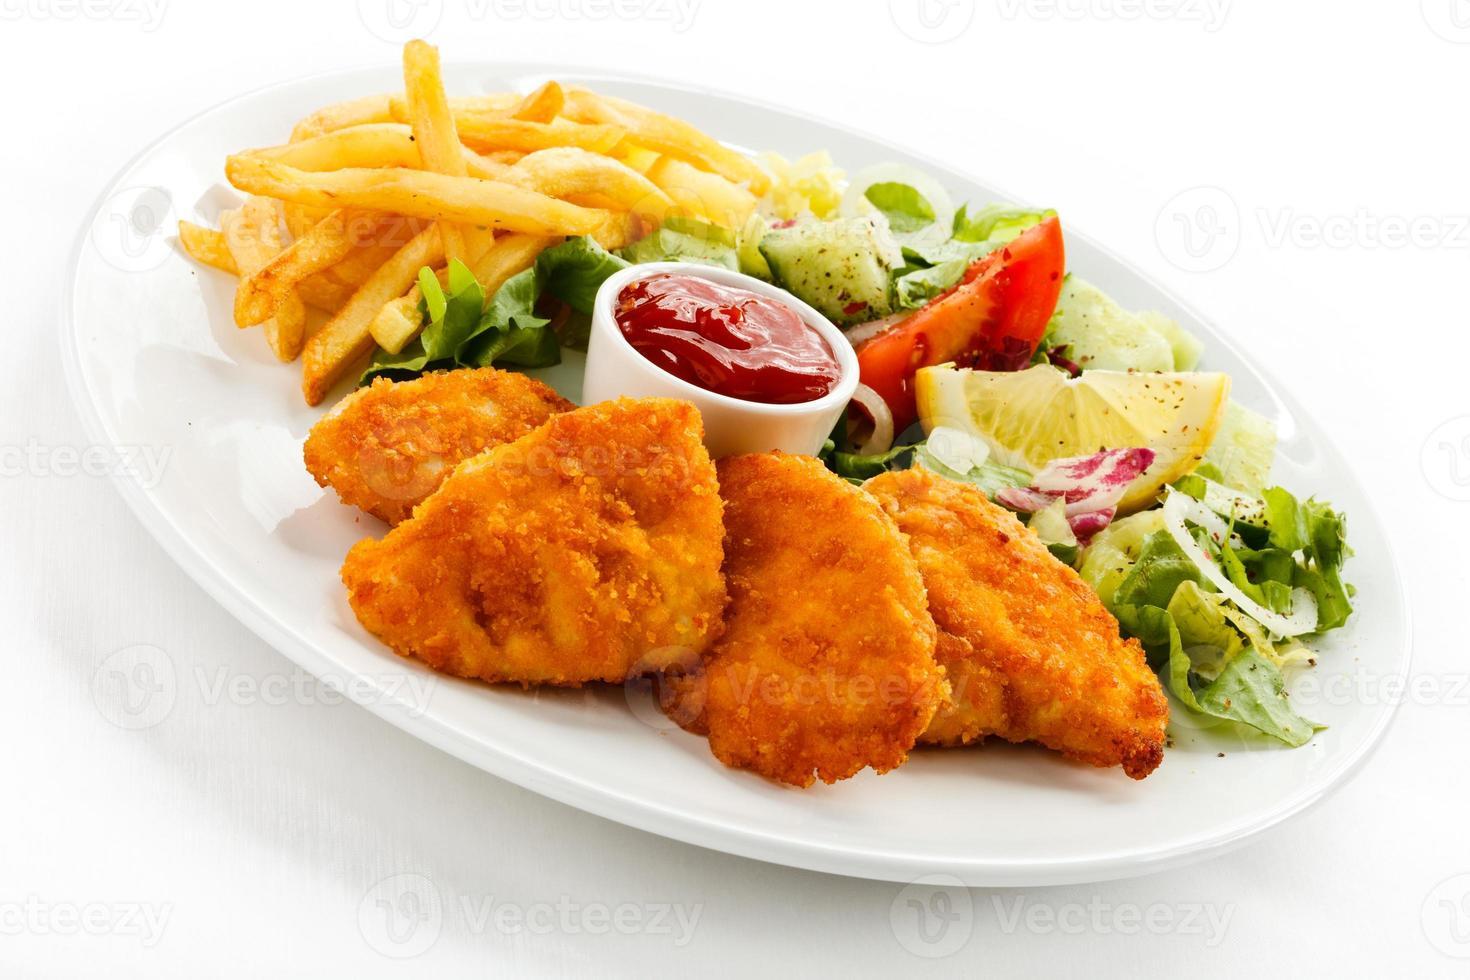 stekt kycklingklumpar, pommes frites och grönsaker foto